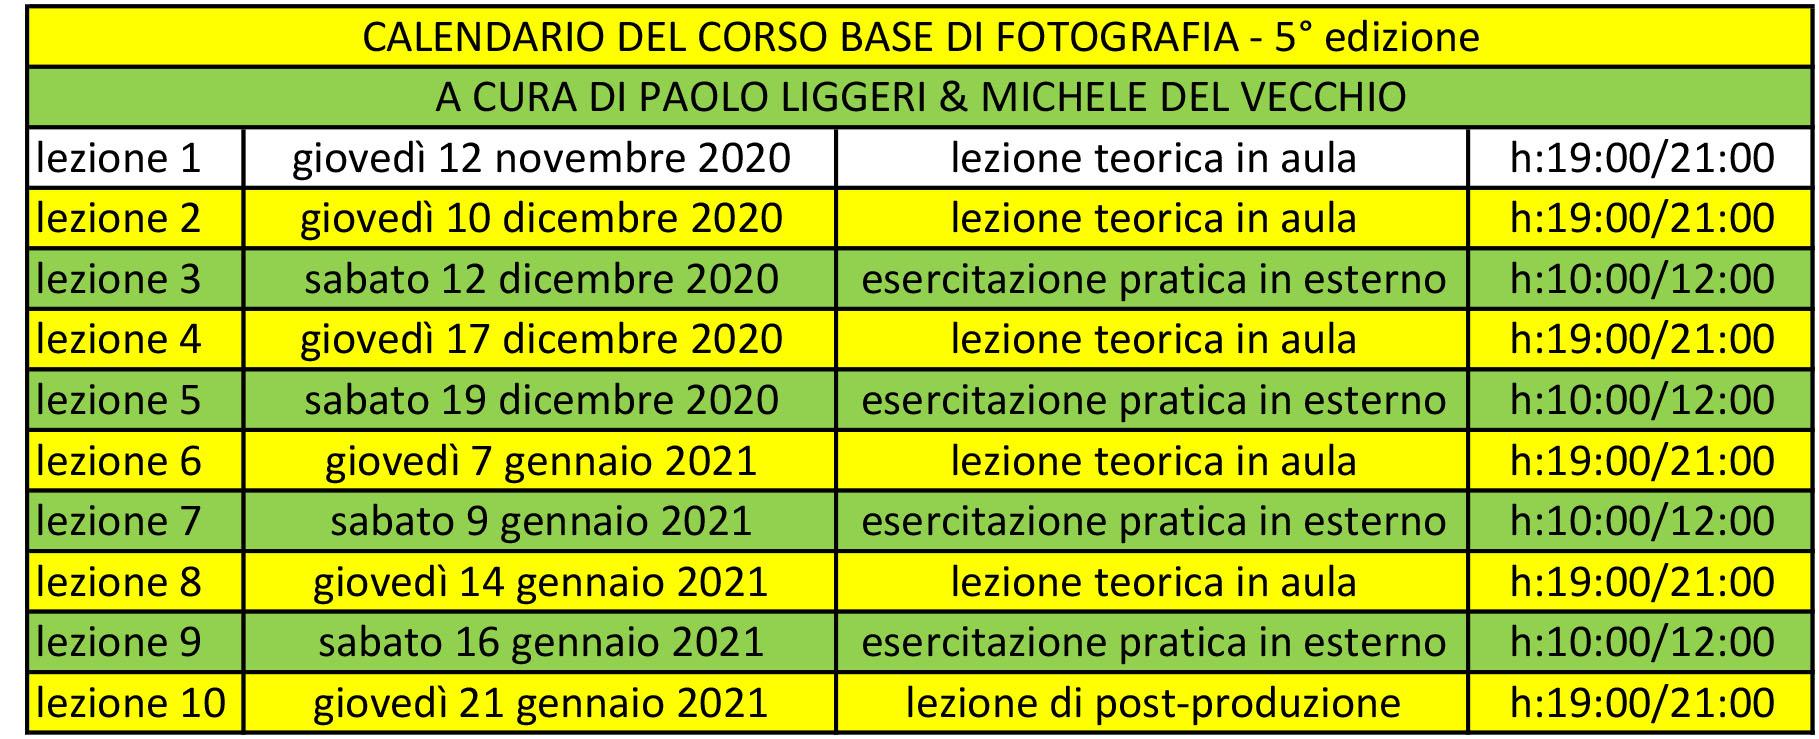 calendario corso base di fotografia